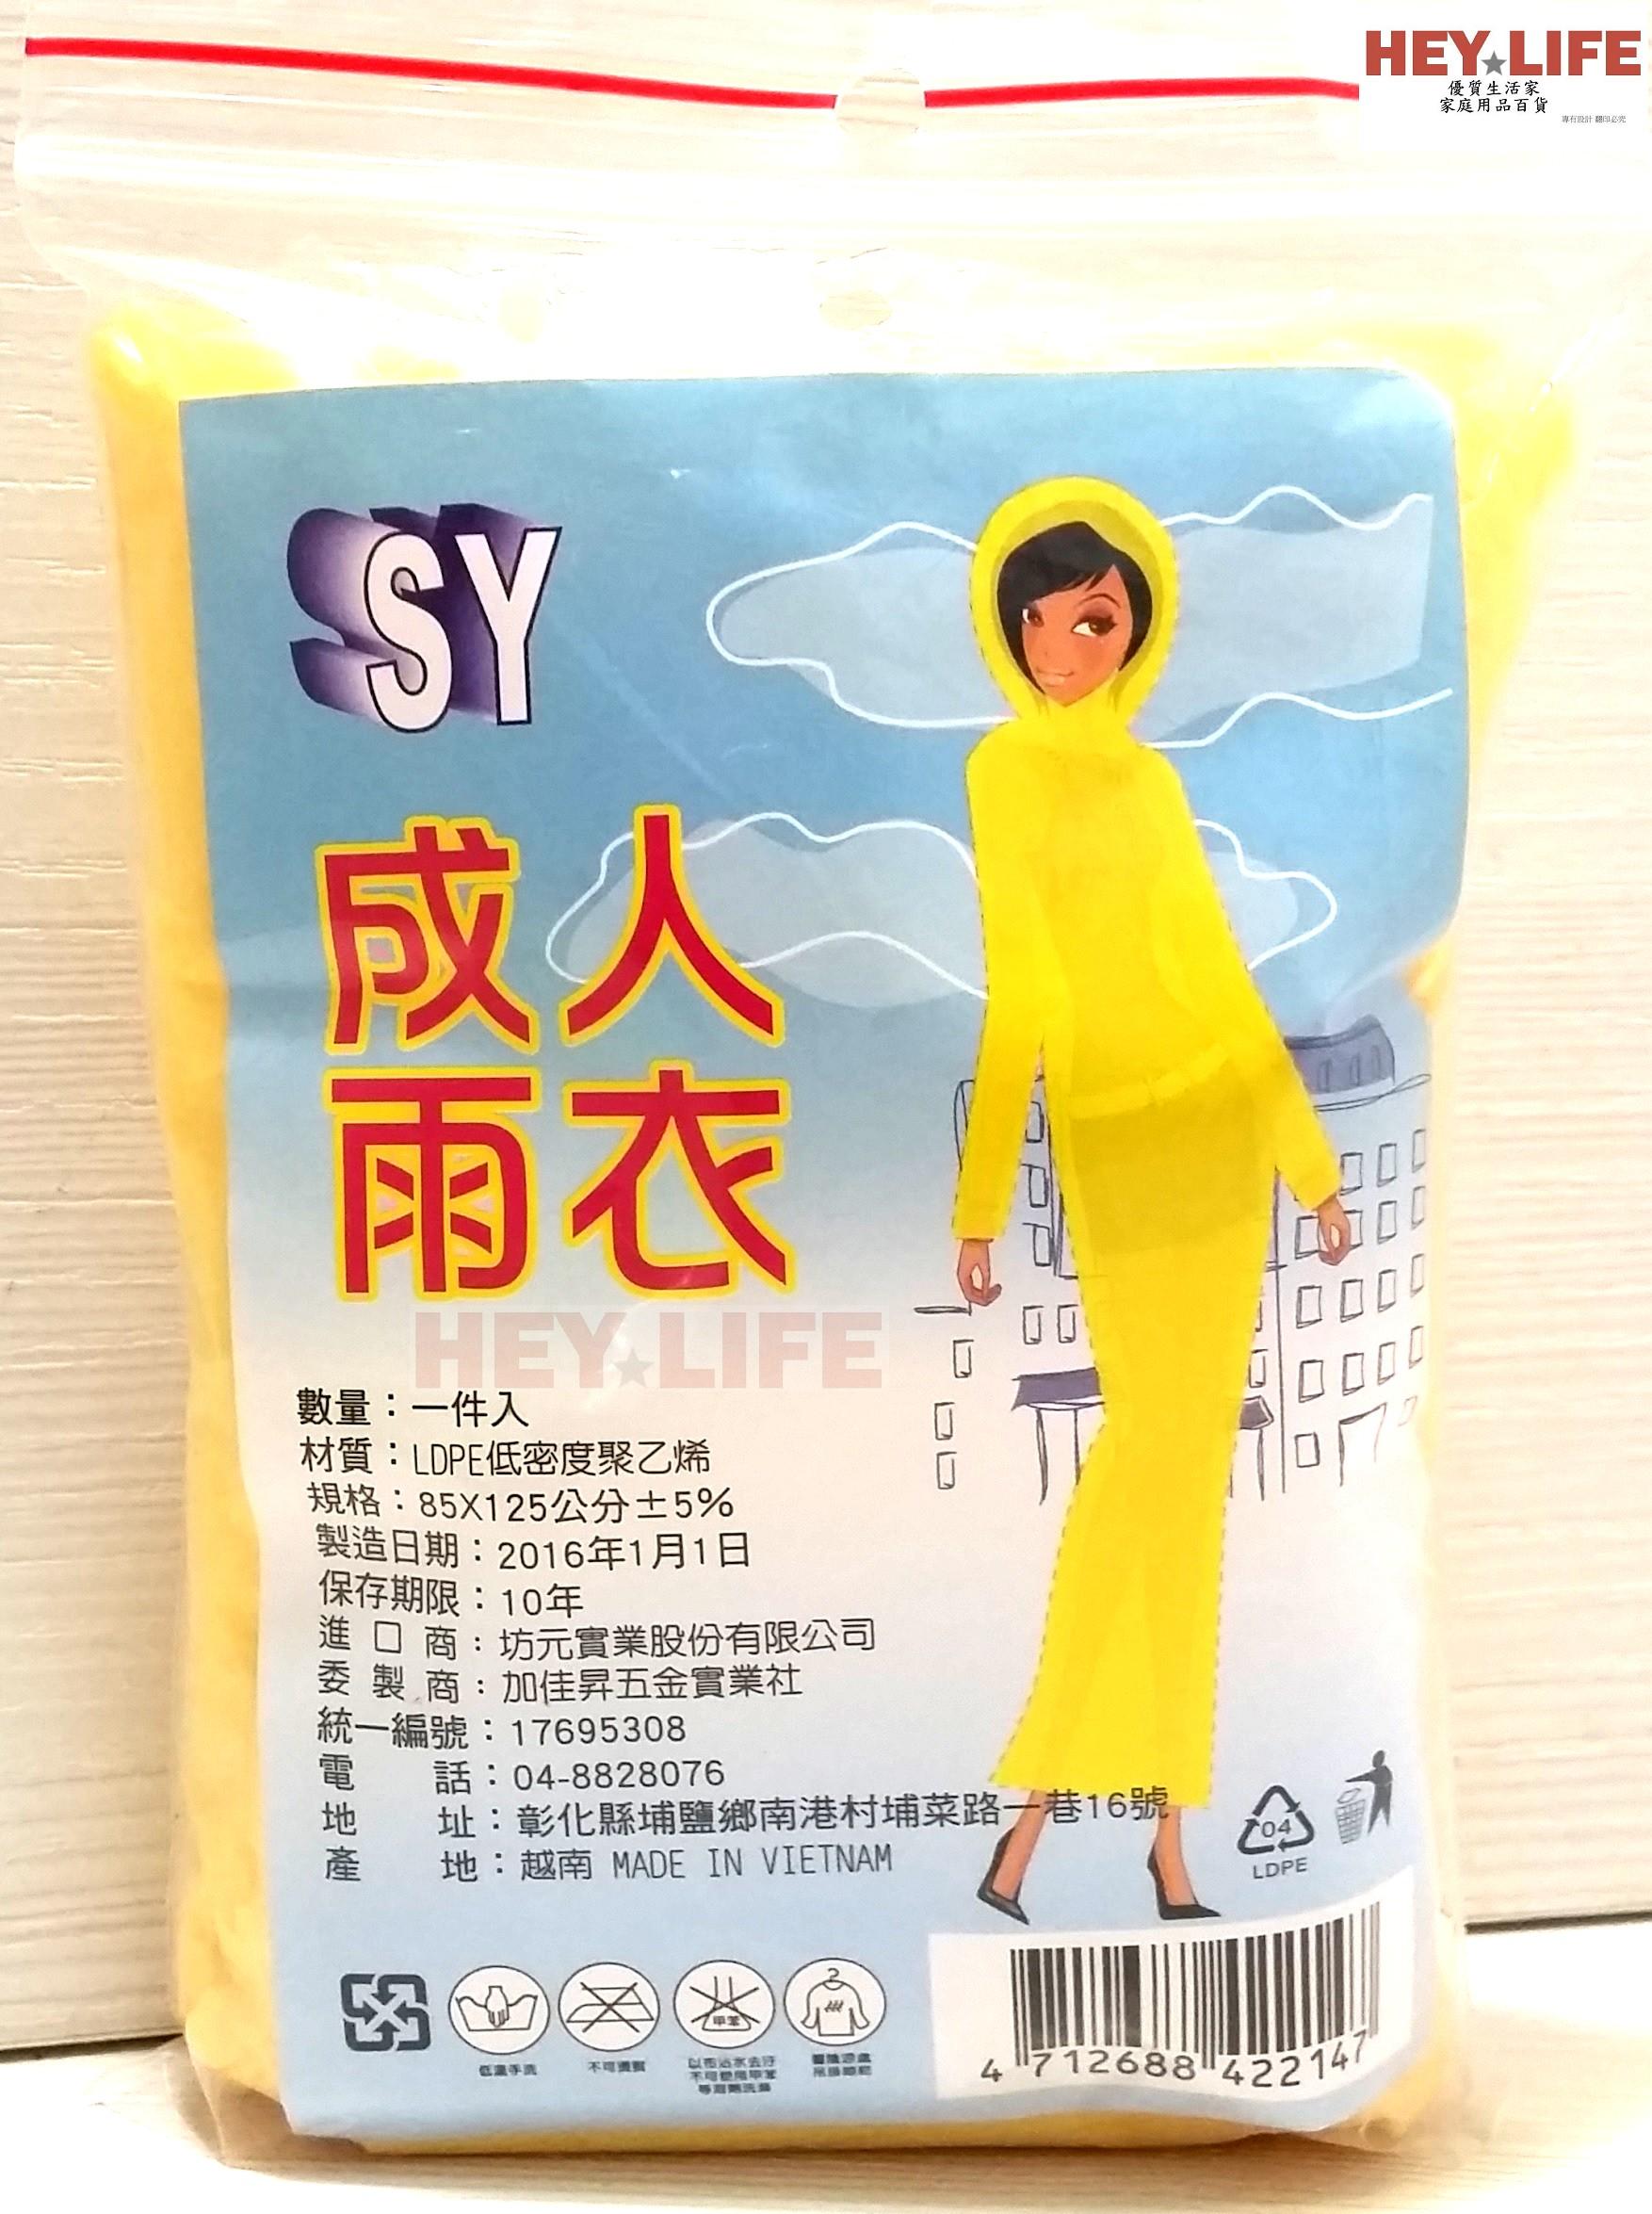 【HEYLIFE優質生活家】成人雨衣 輕便雨衣 雨衣 一般型 品質保證